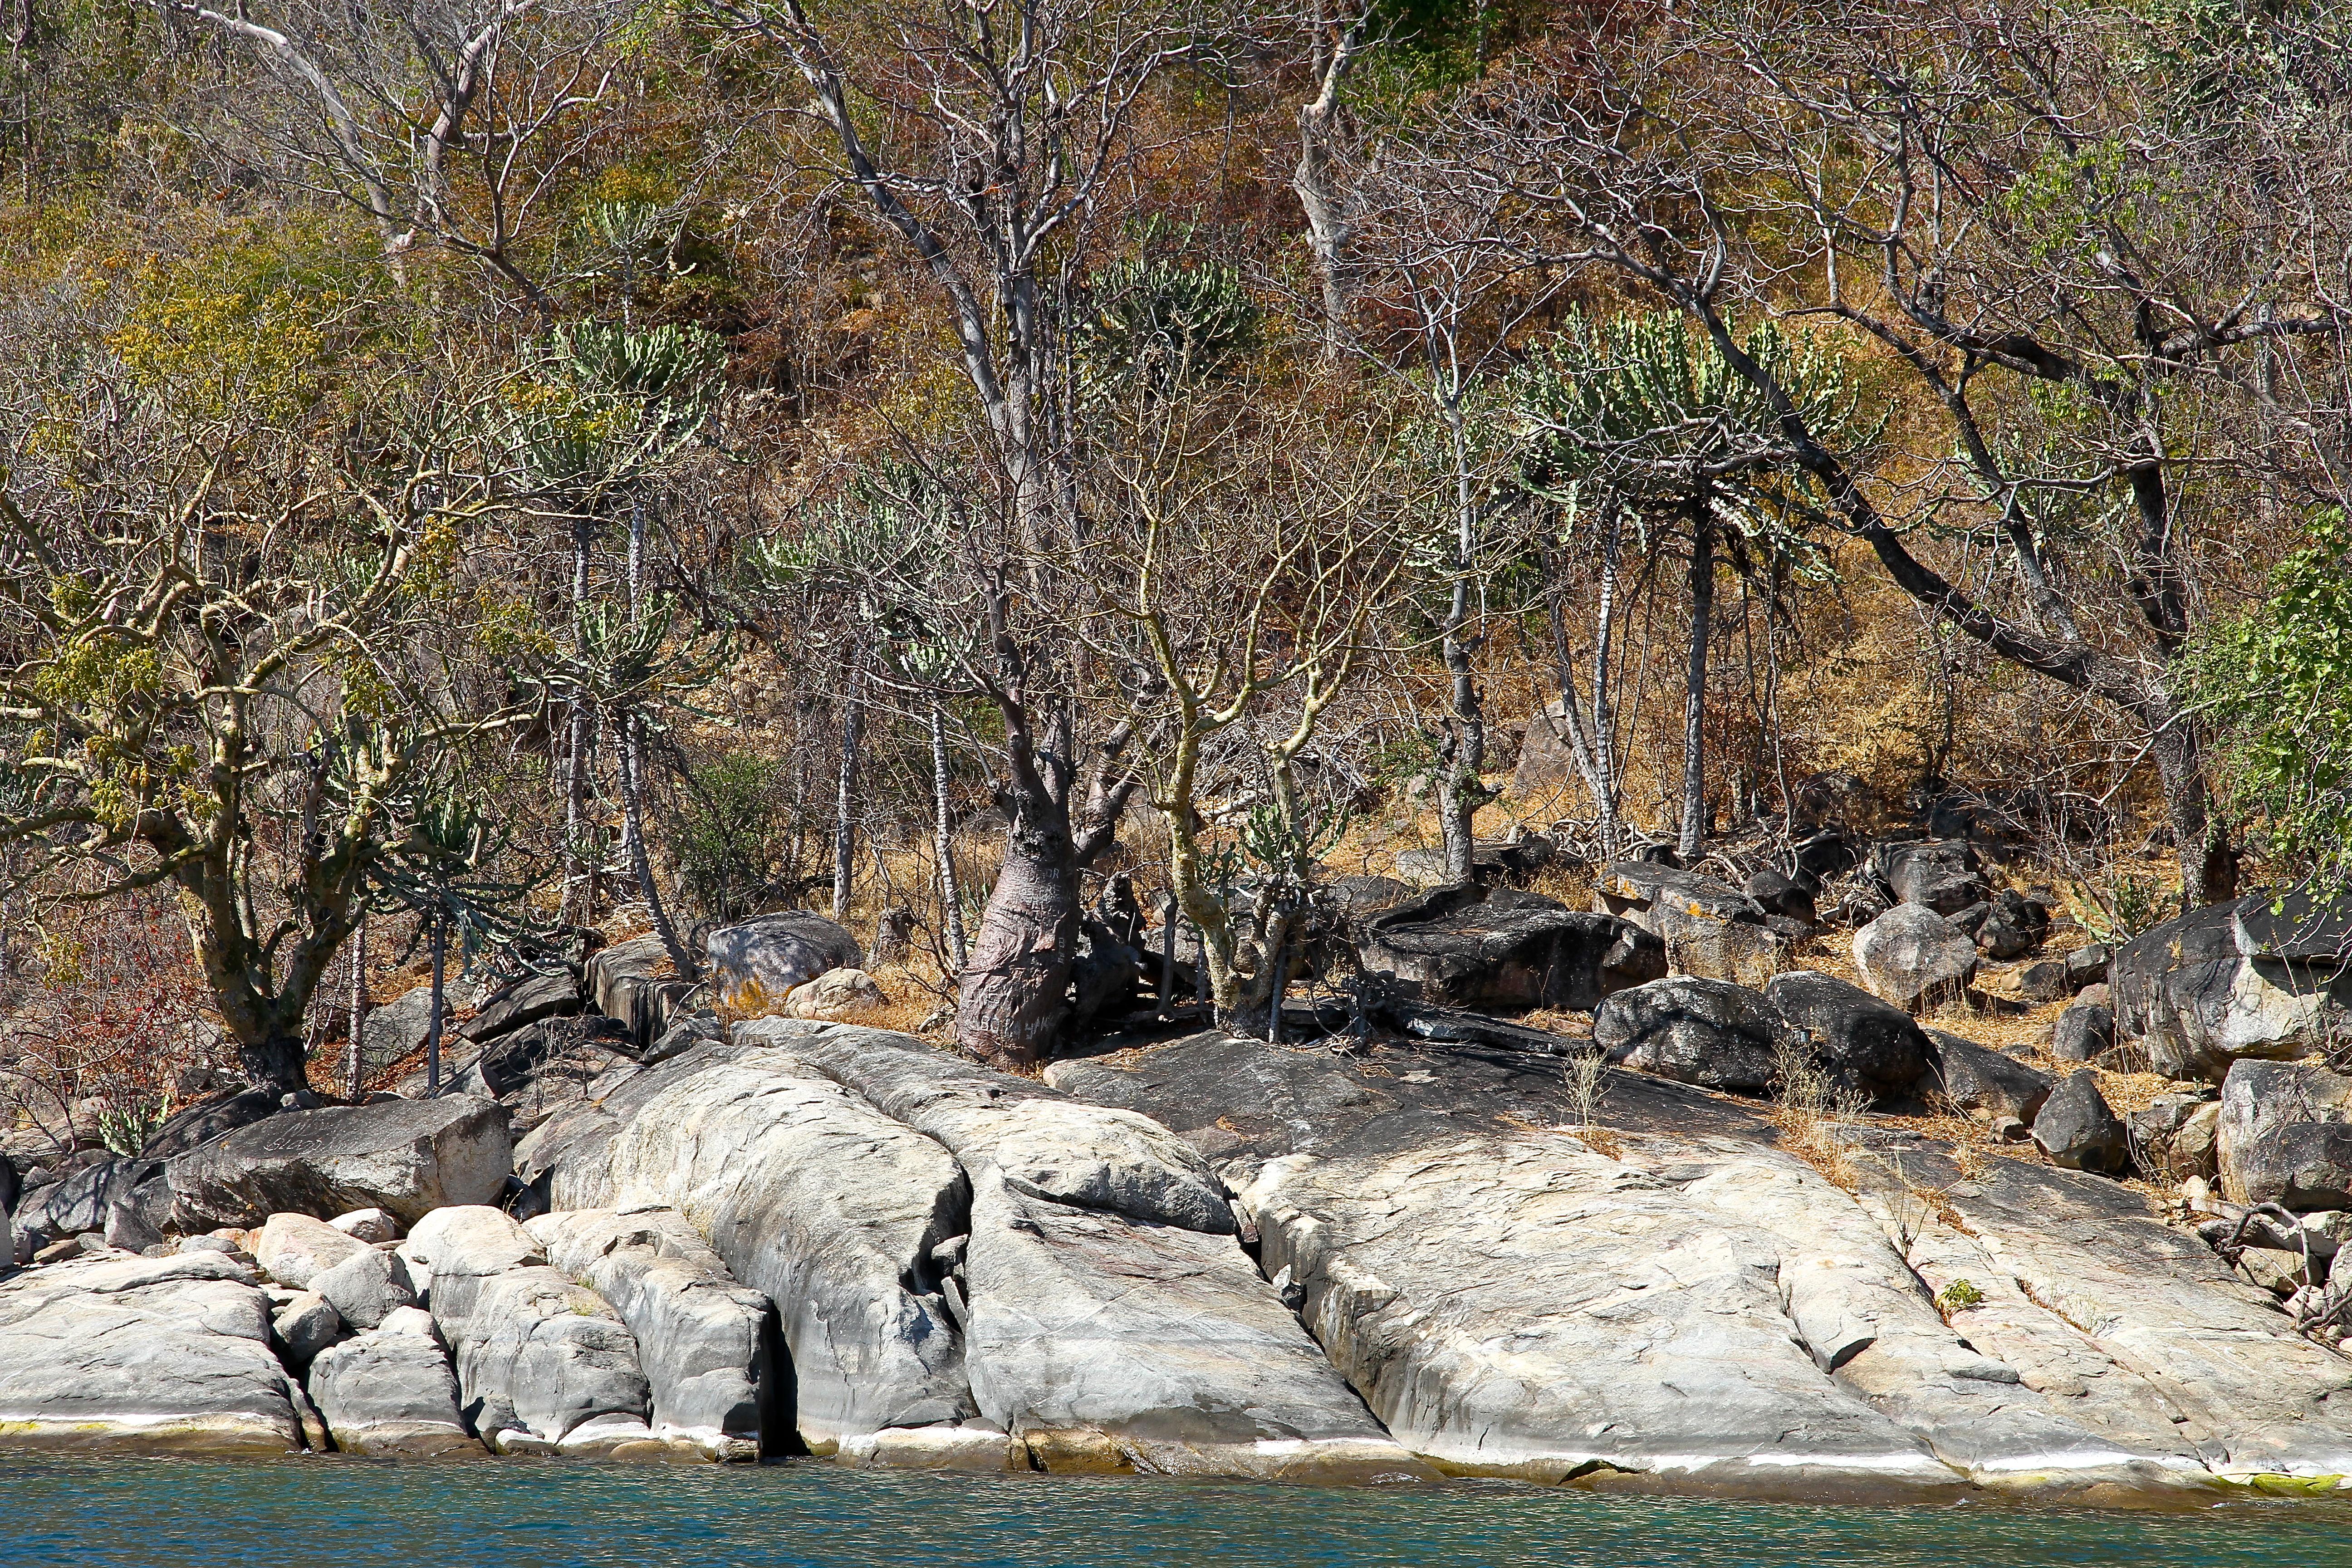 Reisefeder, Reiseblog, Blog, Afrika, Malawi, Safari, Malawisee, Lake Malawi